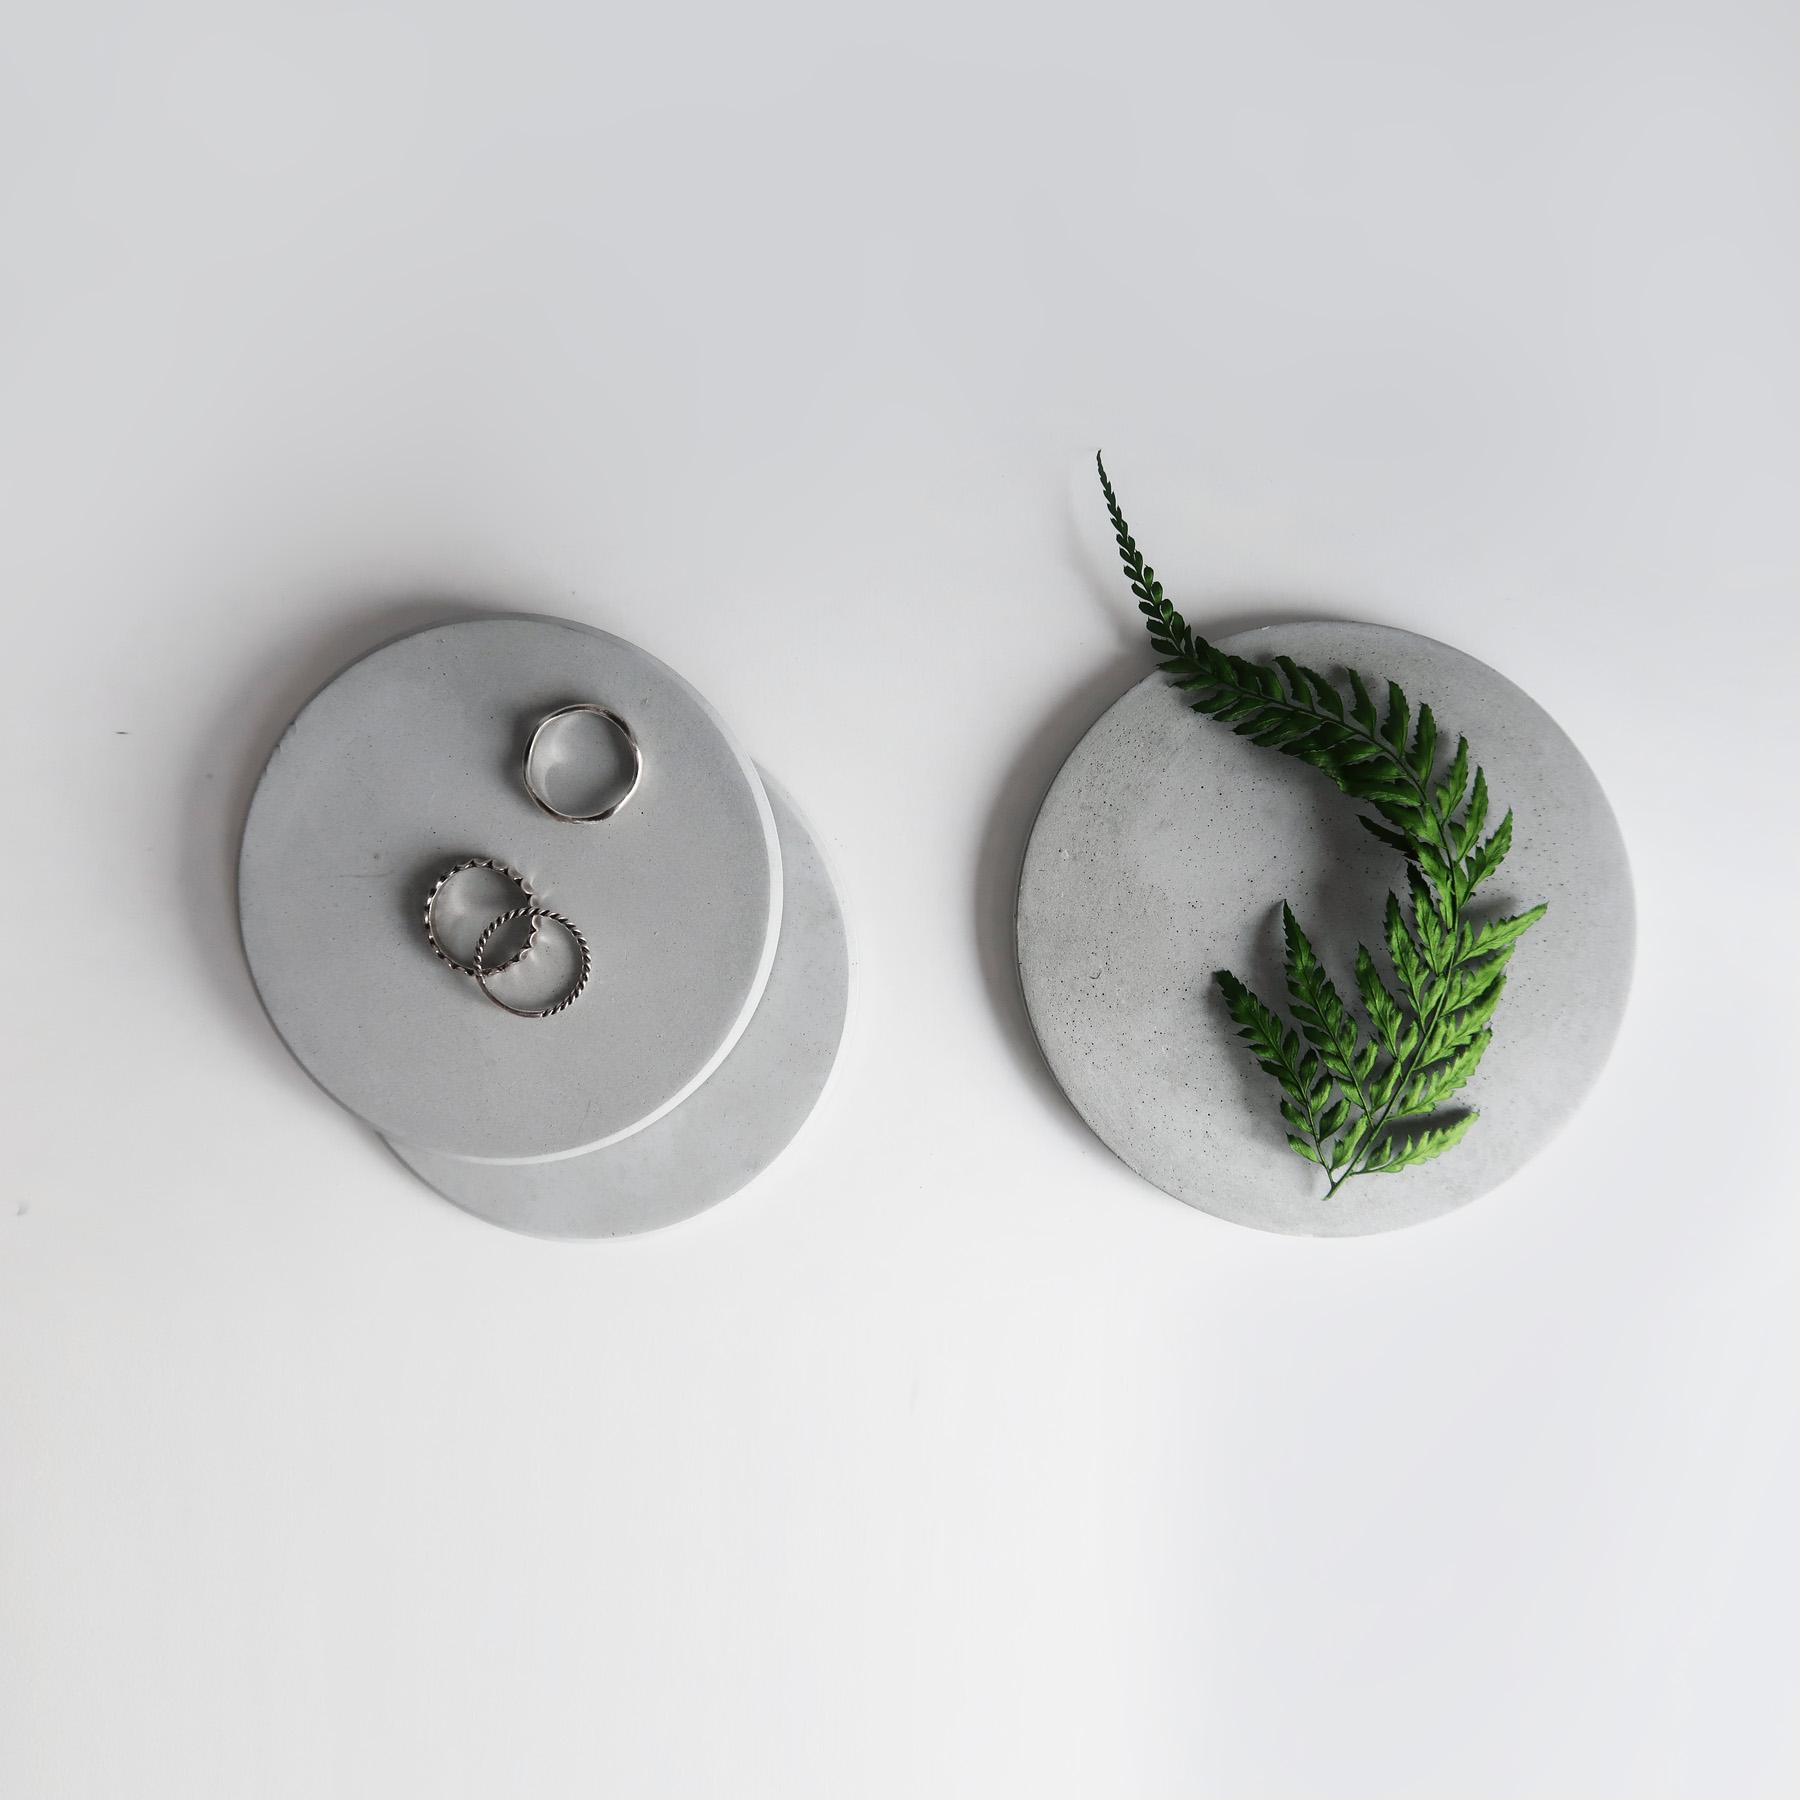 Jewelry Dish  大氣層灰白紋理水泥圓墊・飾品陳列・設計禮物